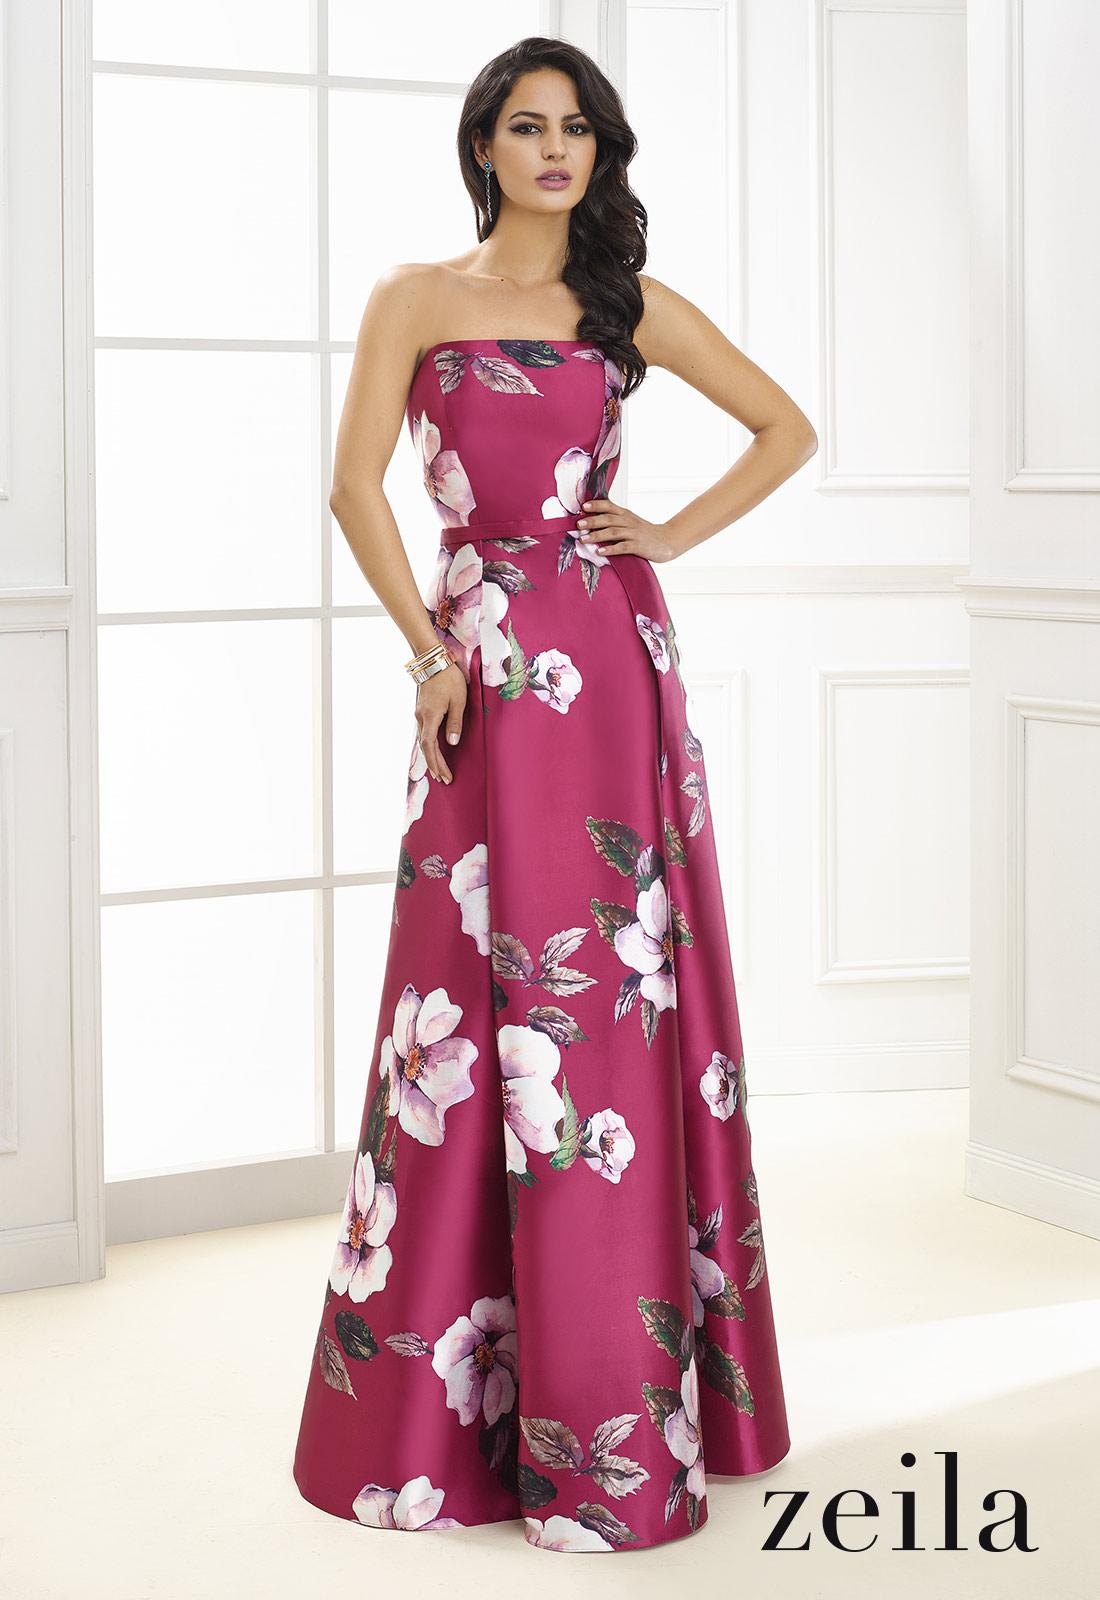 Encantador Vestido De Fiesta Boutique Modelo - Colección de Vestidos ...